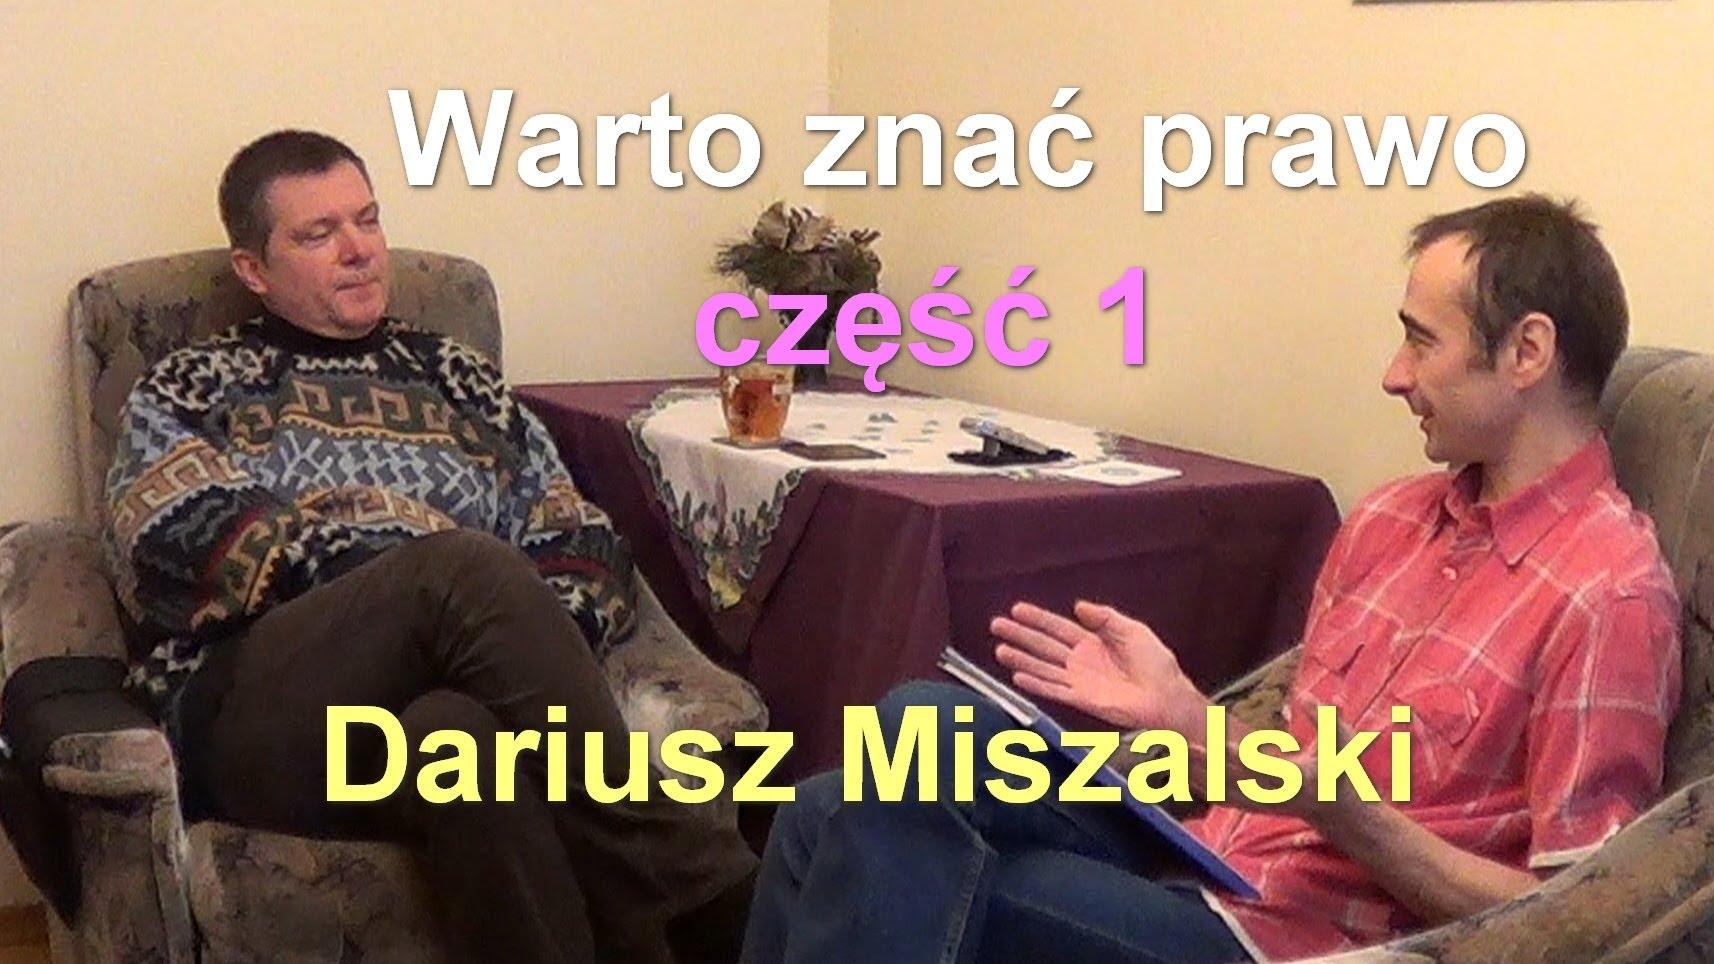 Warto znać prawo, część 1 – Dariusz Miszalski